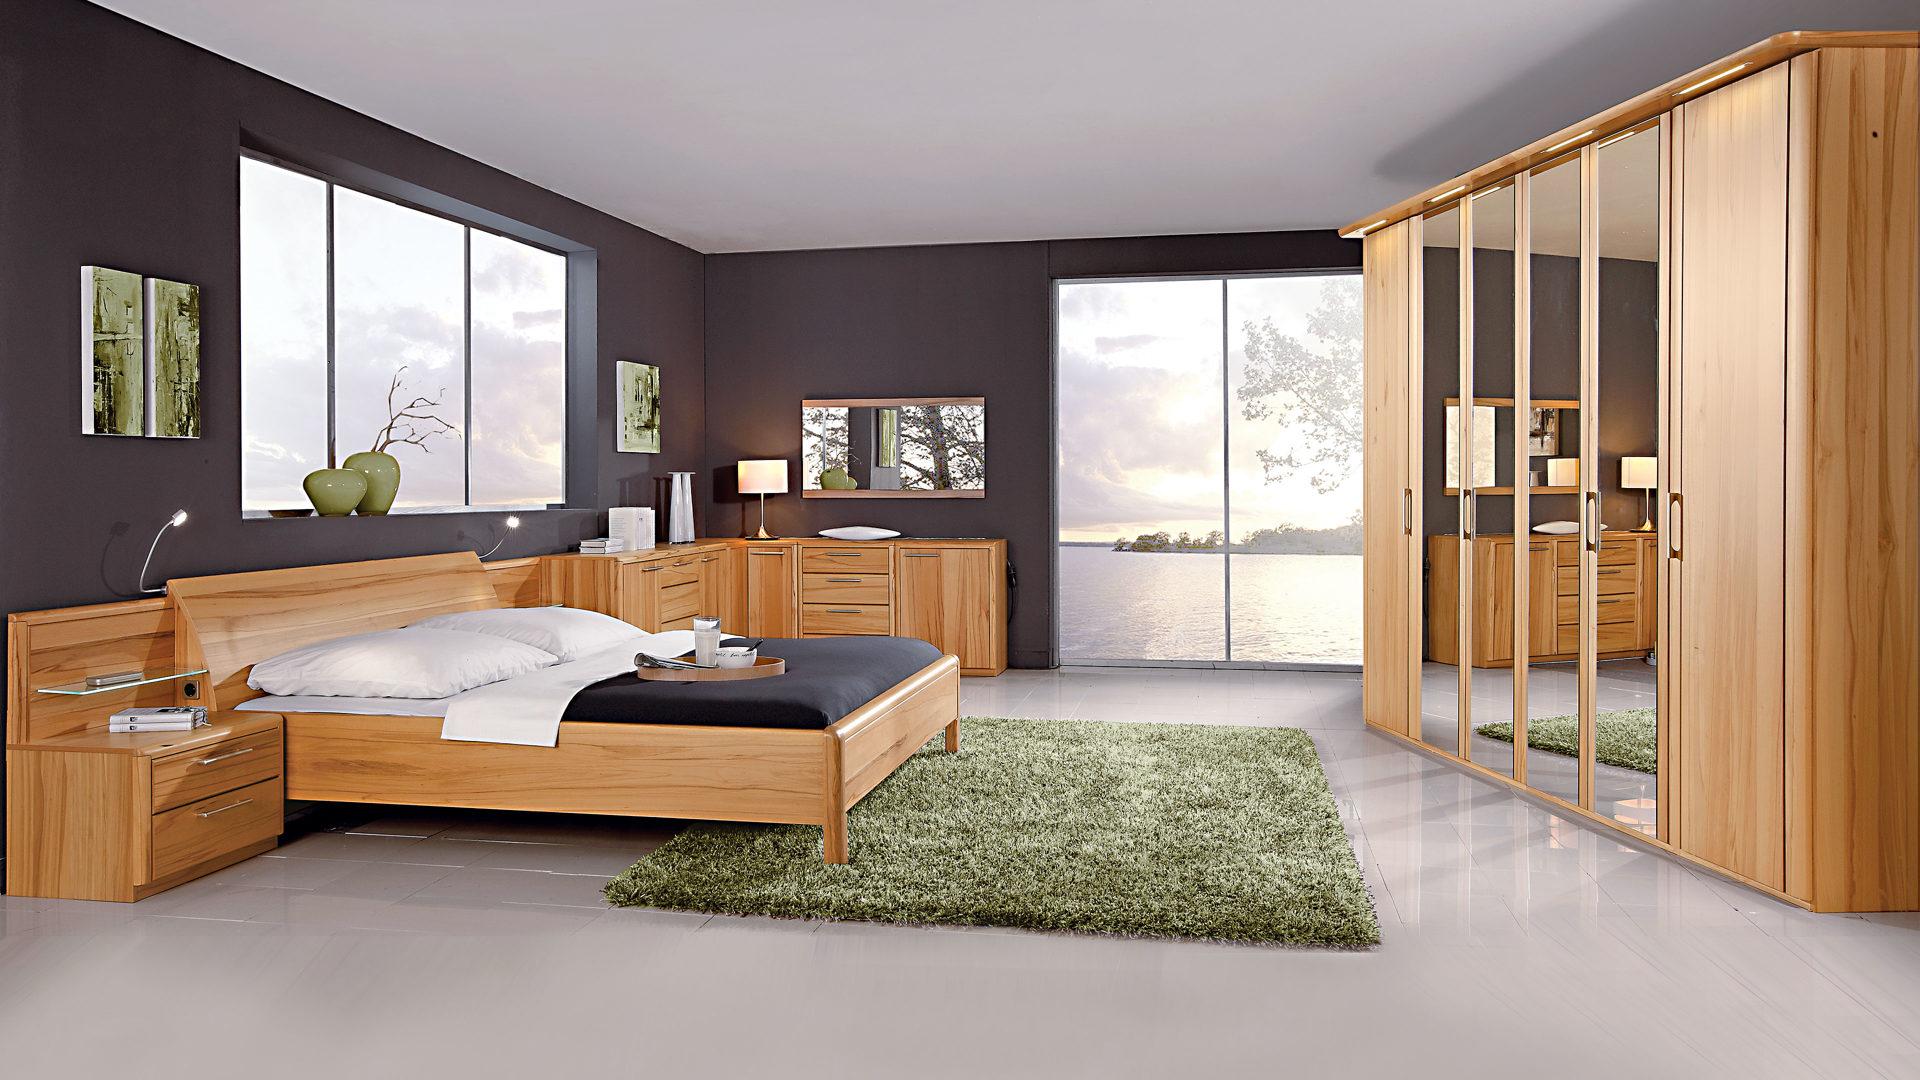 Modernes C. DISSELKAMP Schlafzimmer mit Bettgestell, Kernbuche ...